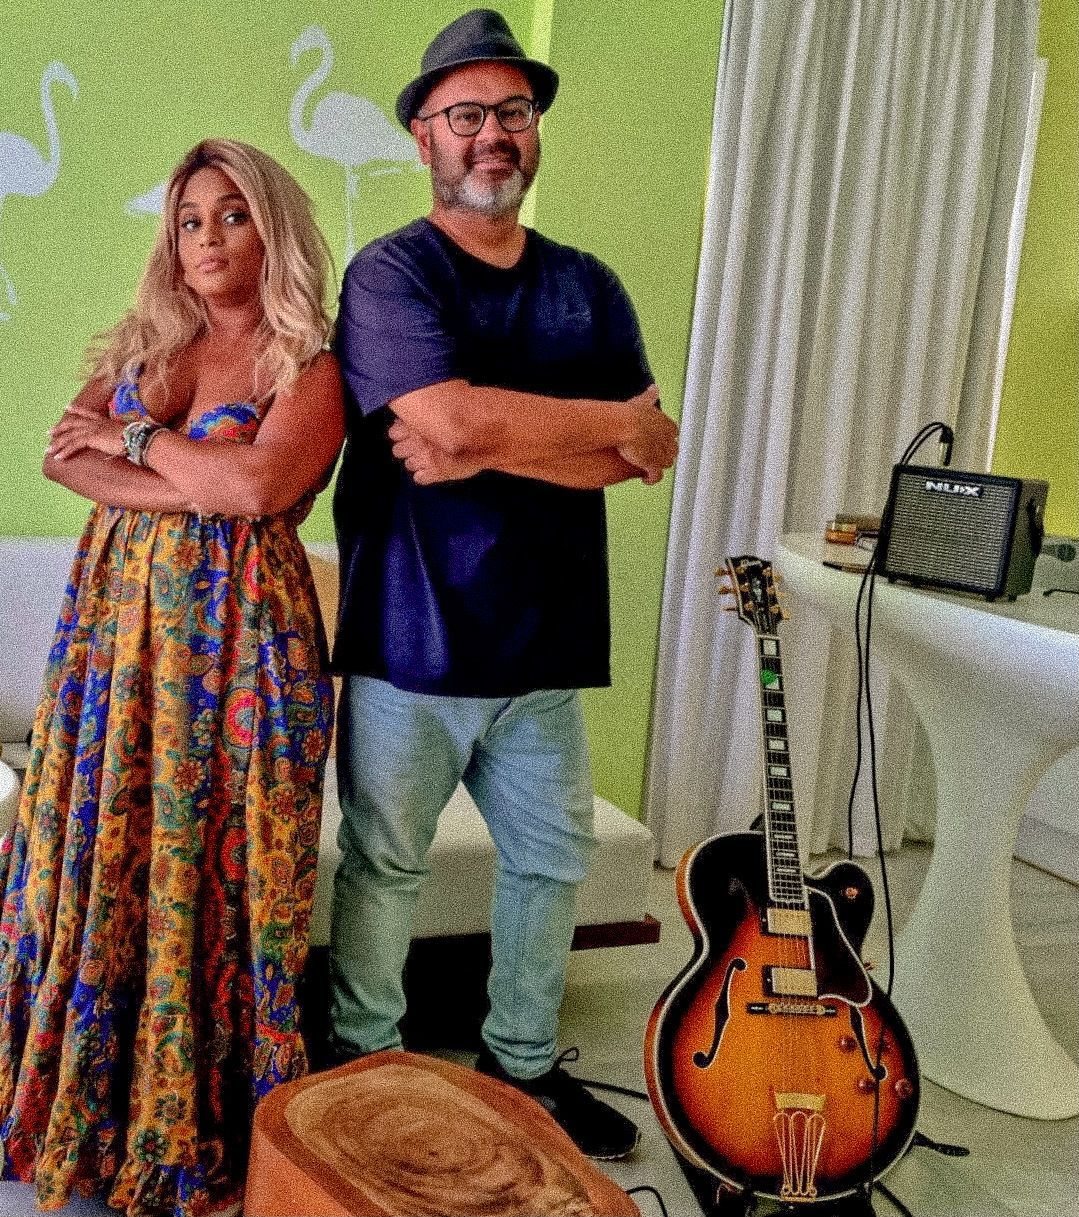 cantora brasileira Tami Braga  ao lado do  guitarrista oficial da cantora, Robin Banerjee